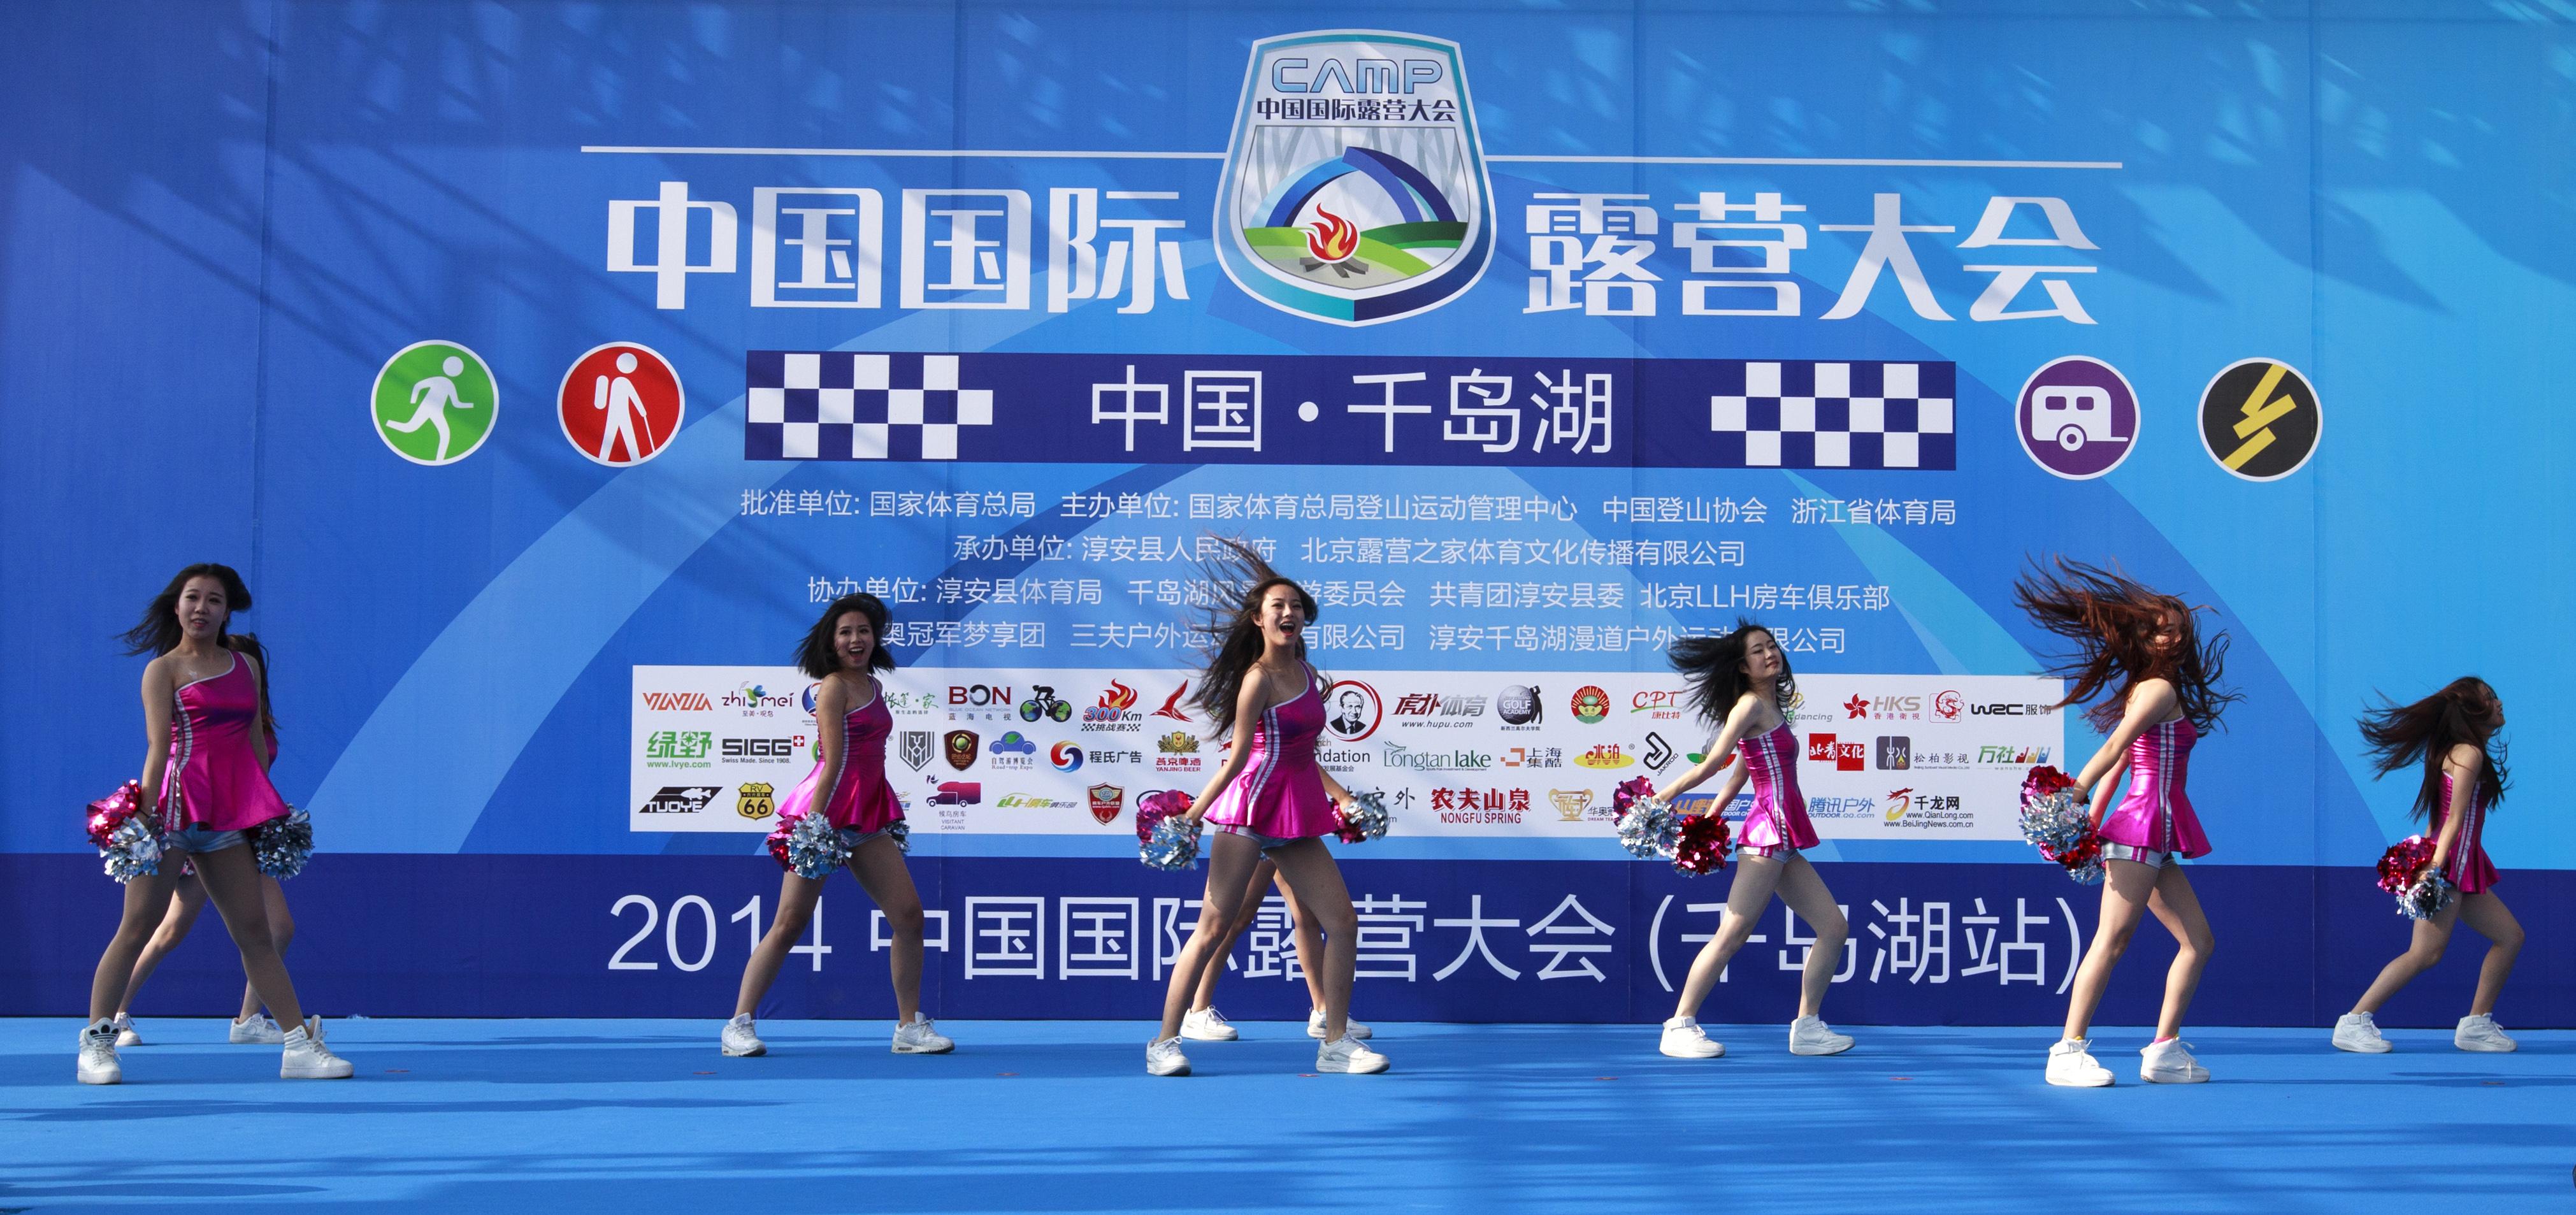 营大会千岛湖站开幕奥运冠军引领千人跑